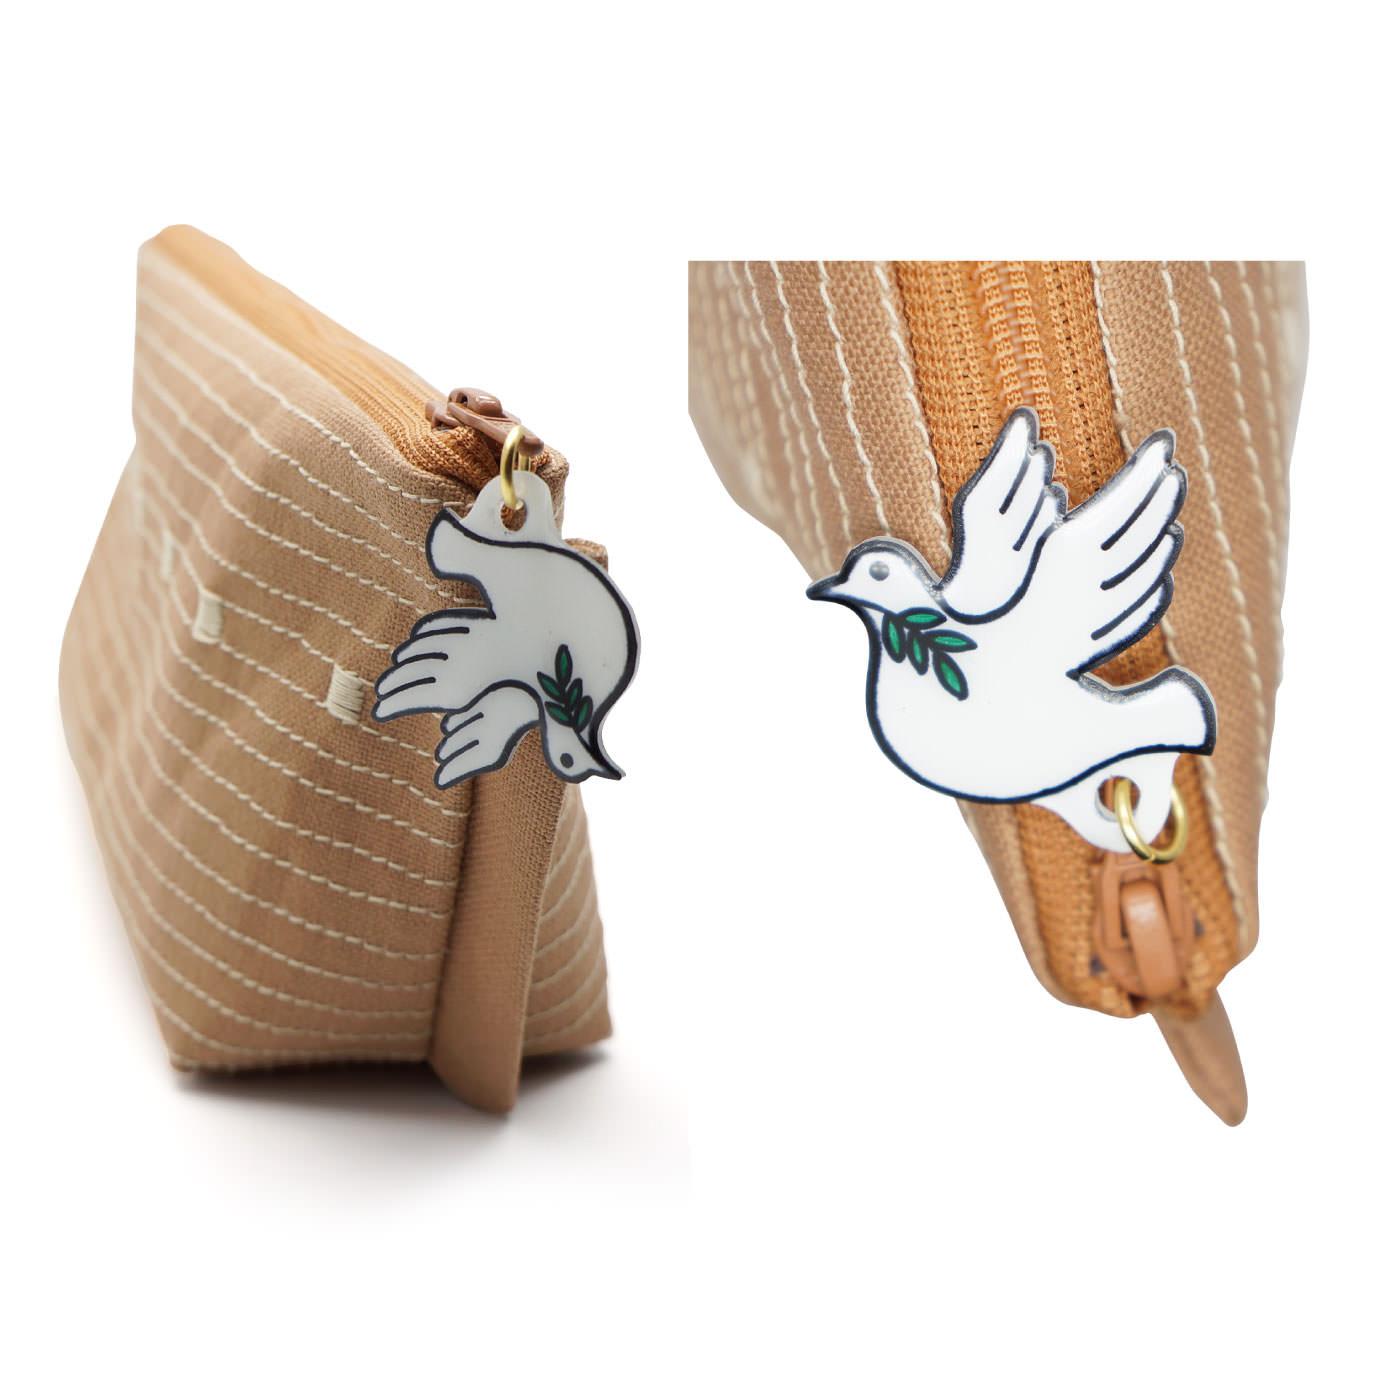 ファスナーチャームは、オリーブの枝をくわえた鳩のデザイン!